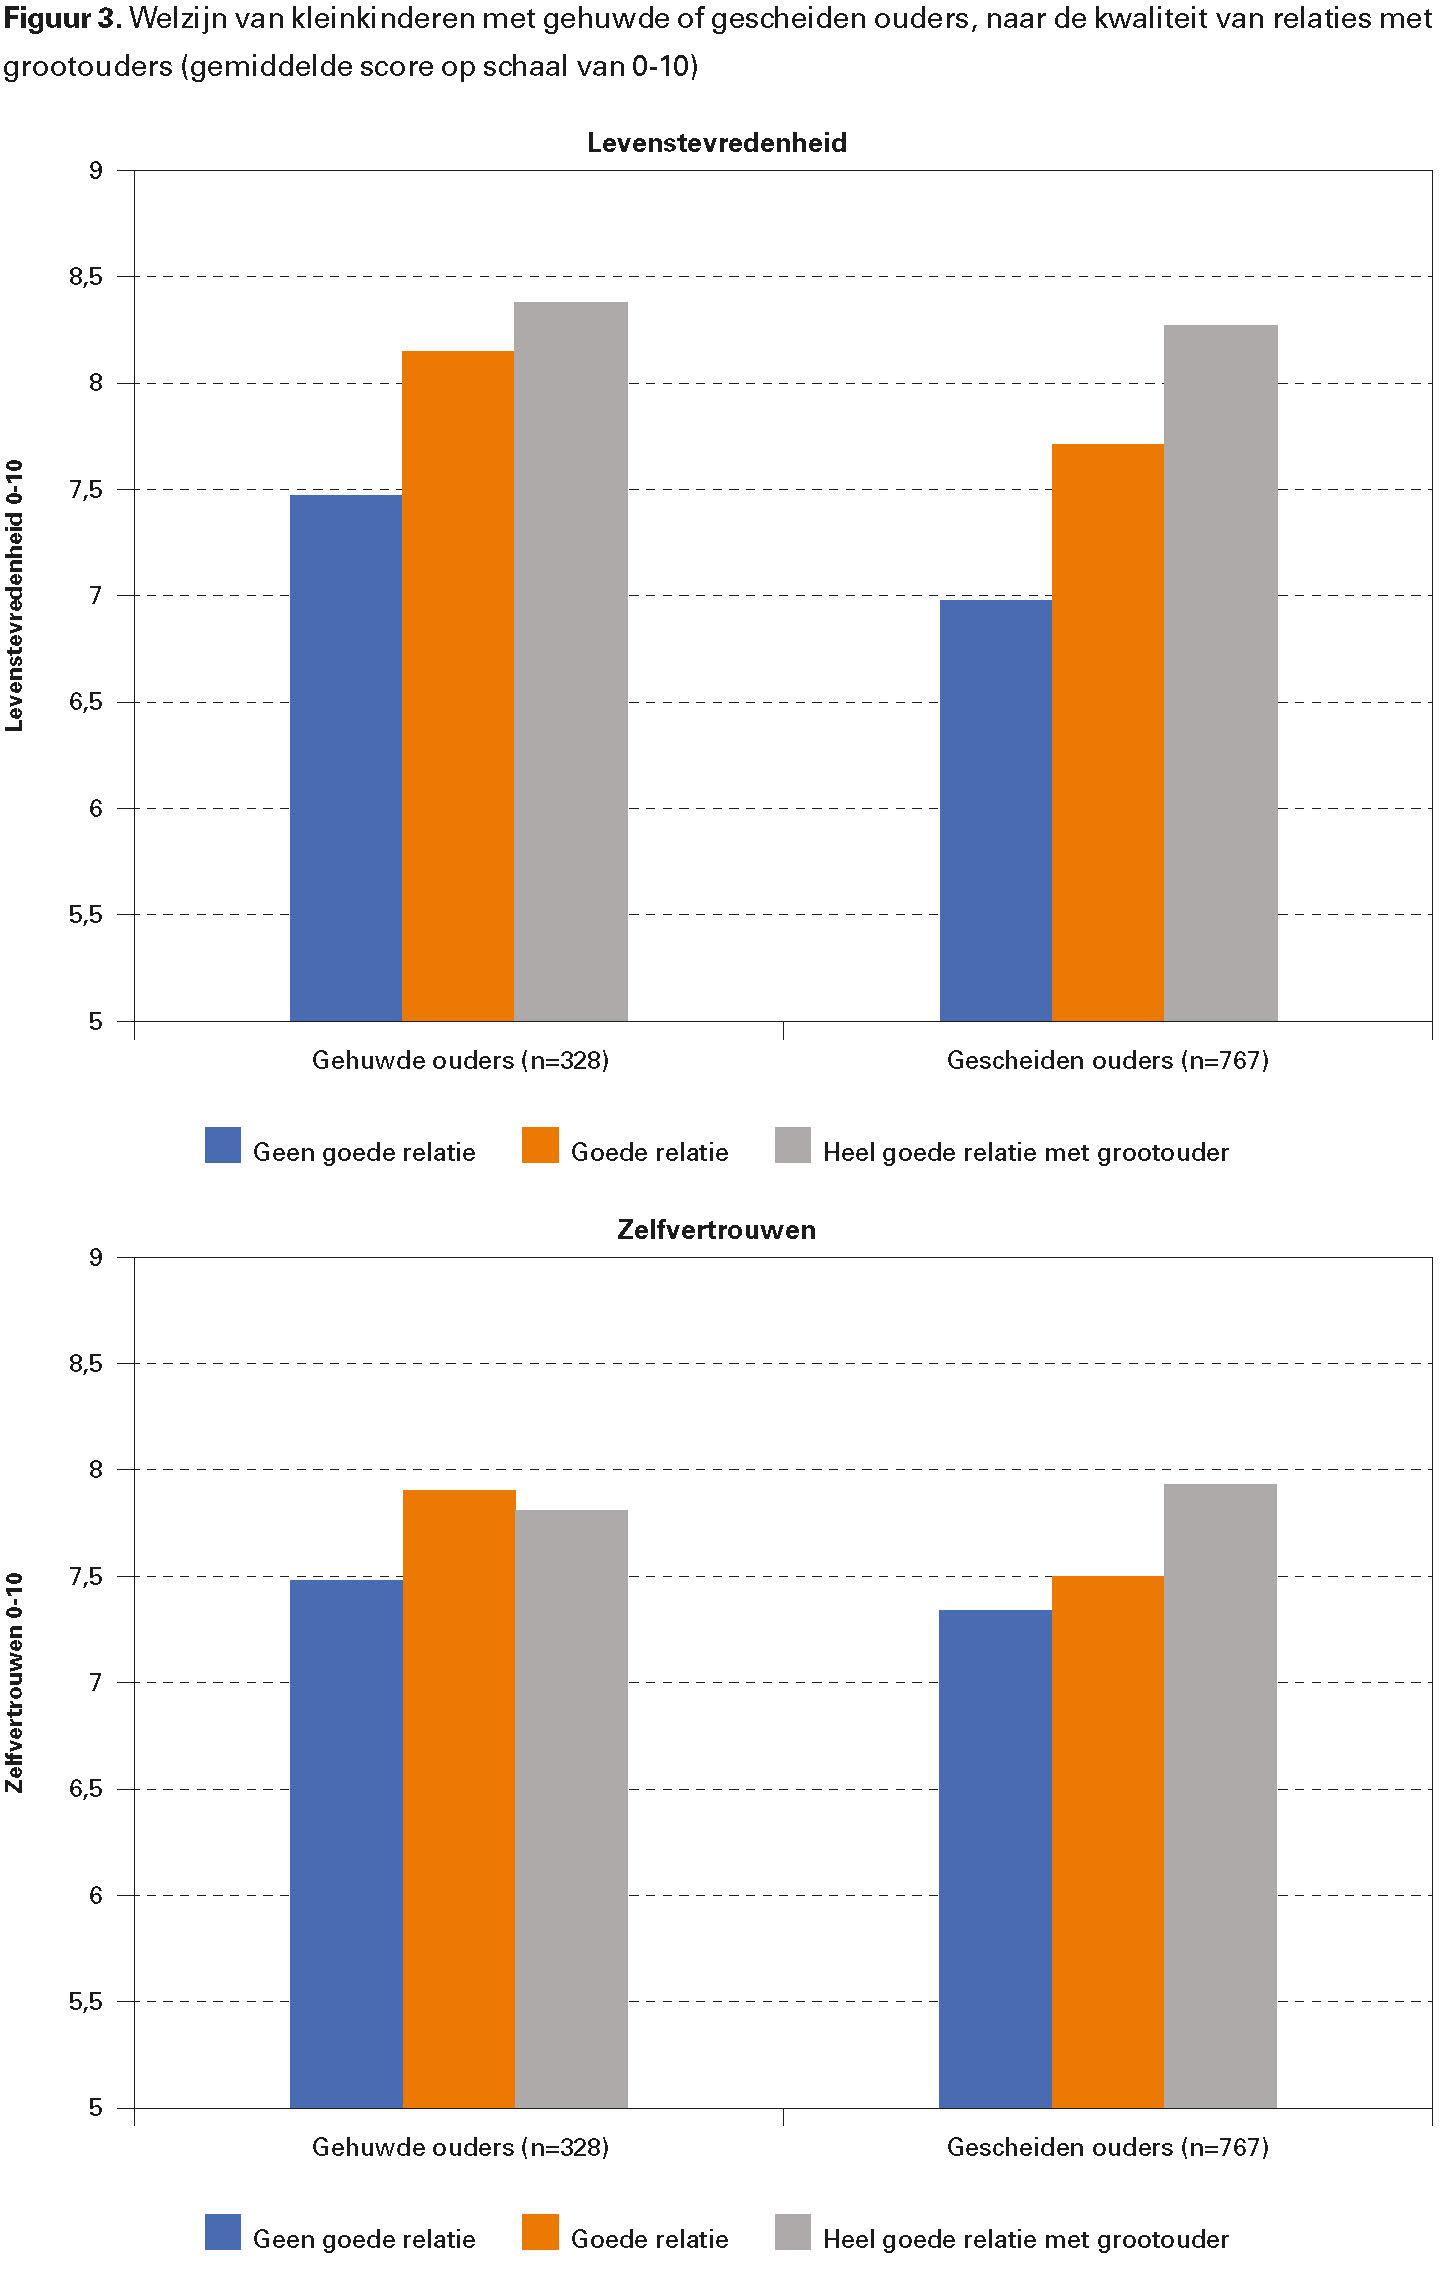 Figuur 3. Welzijn van kleinkinderen met gehuwde of gescheiden ouders, naar de kwaliteit van relaties met grootouders (gemiddelde score op schaal van 0-10)